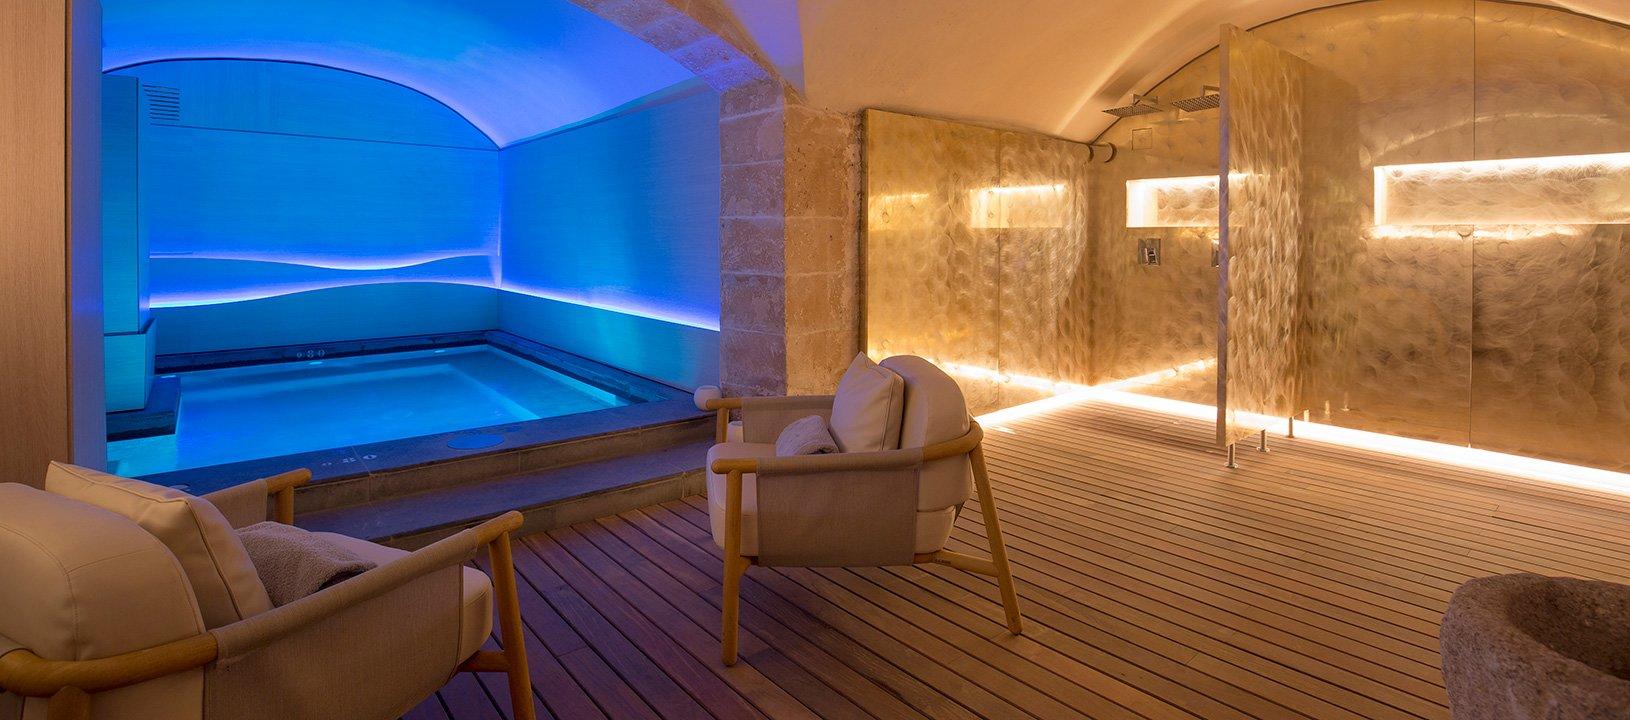 Spa y sauna Convent de la Missio